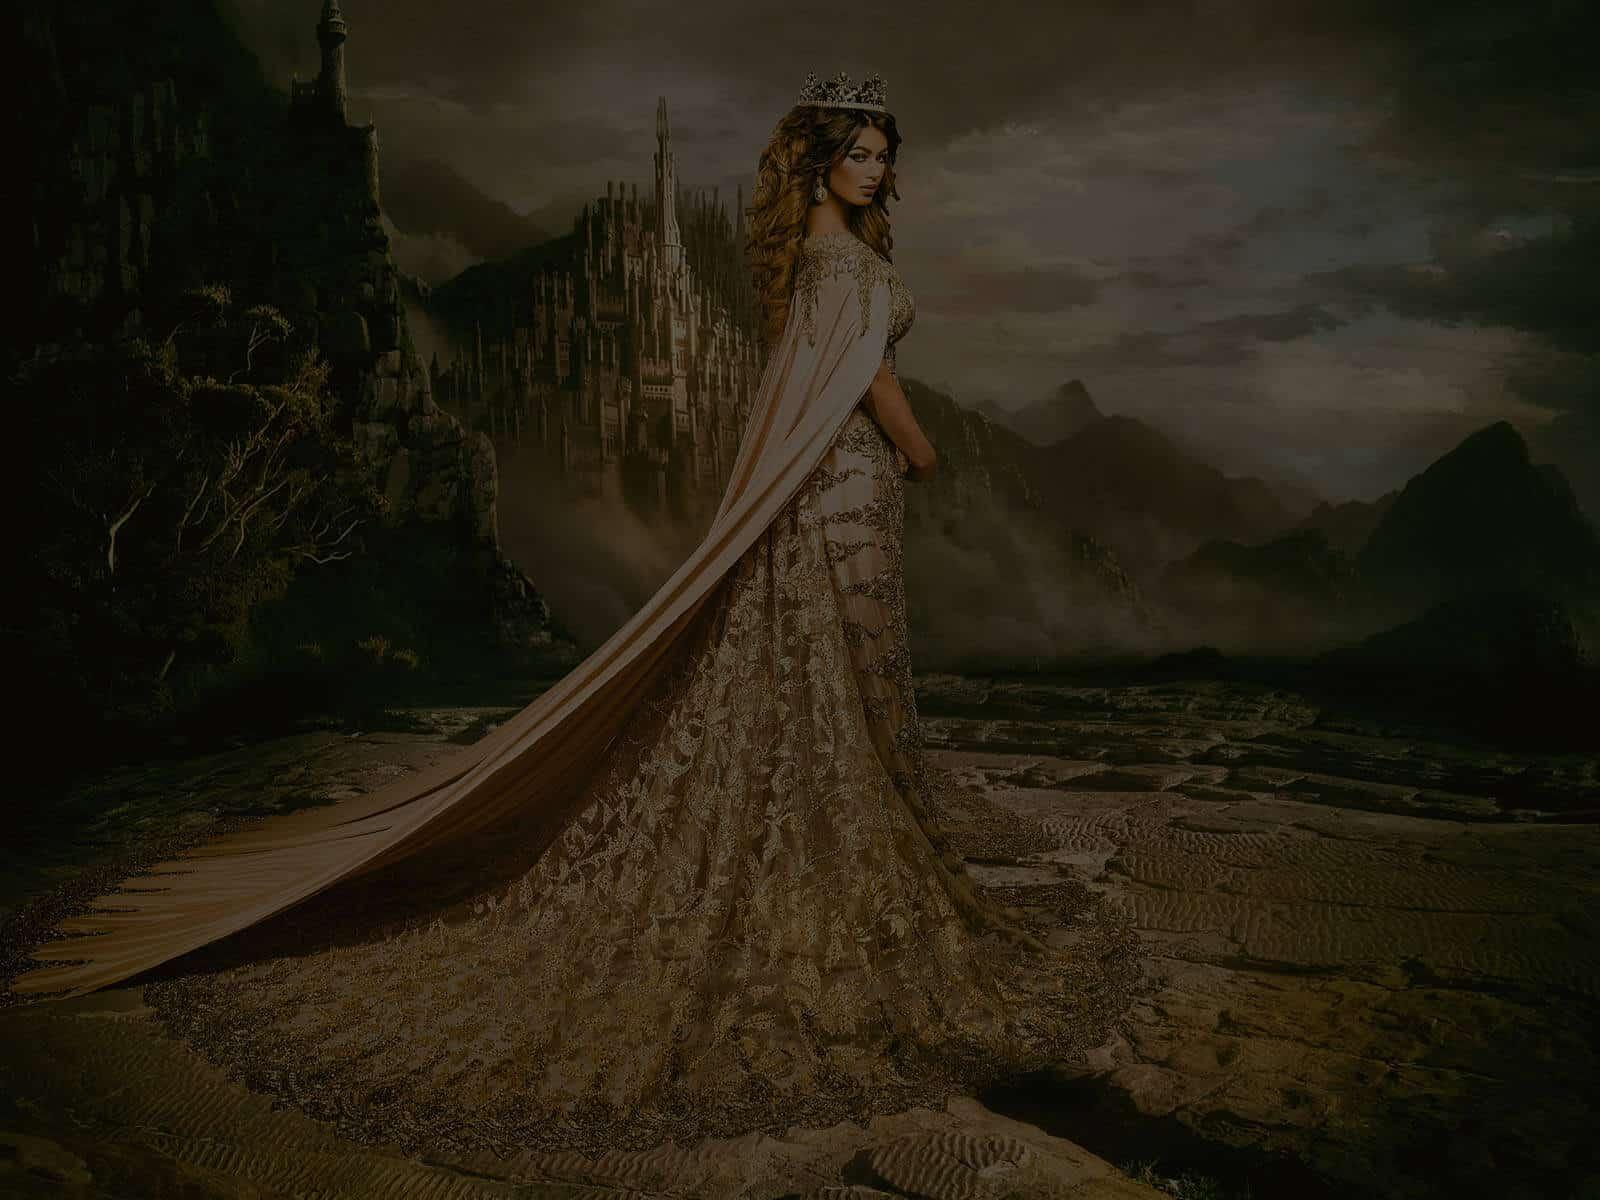 el magnefique jurken